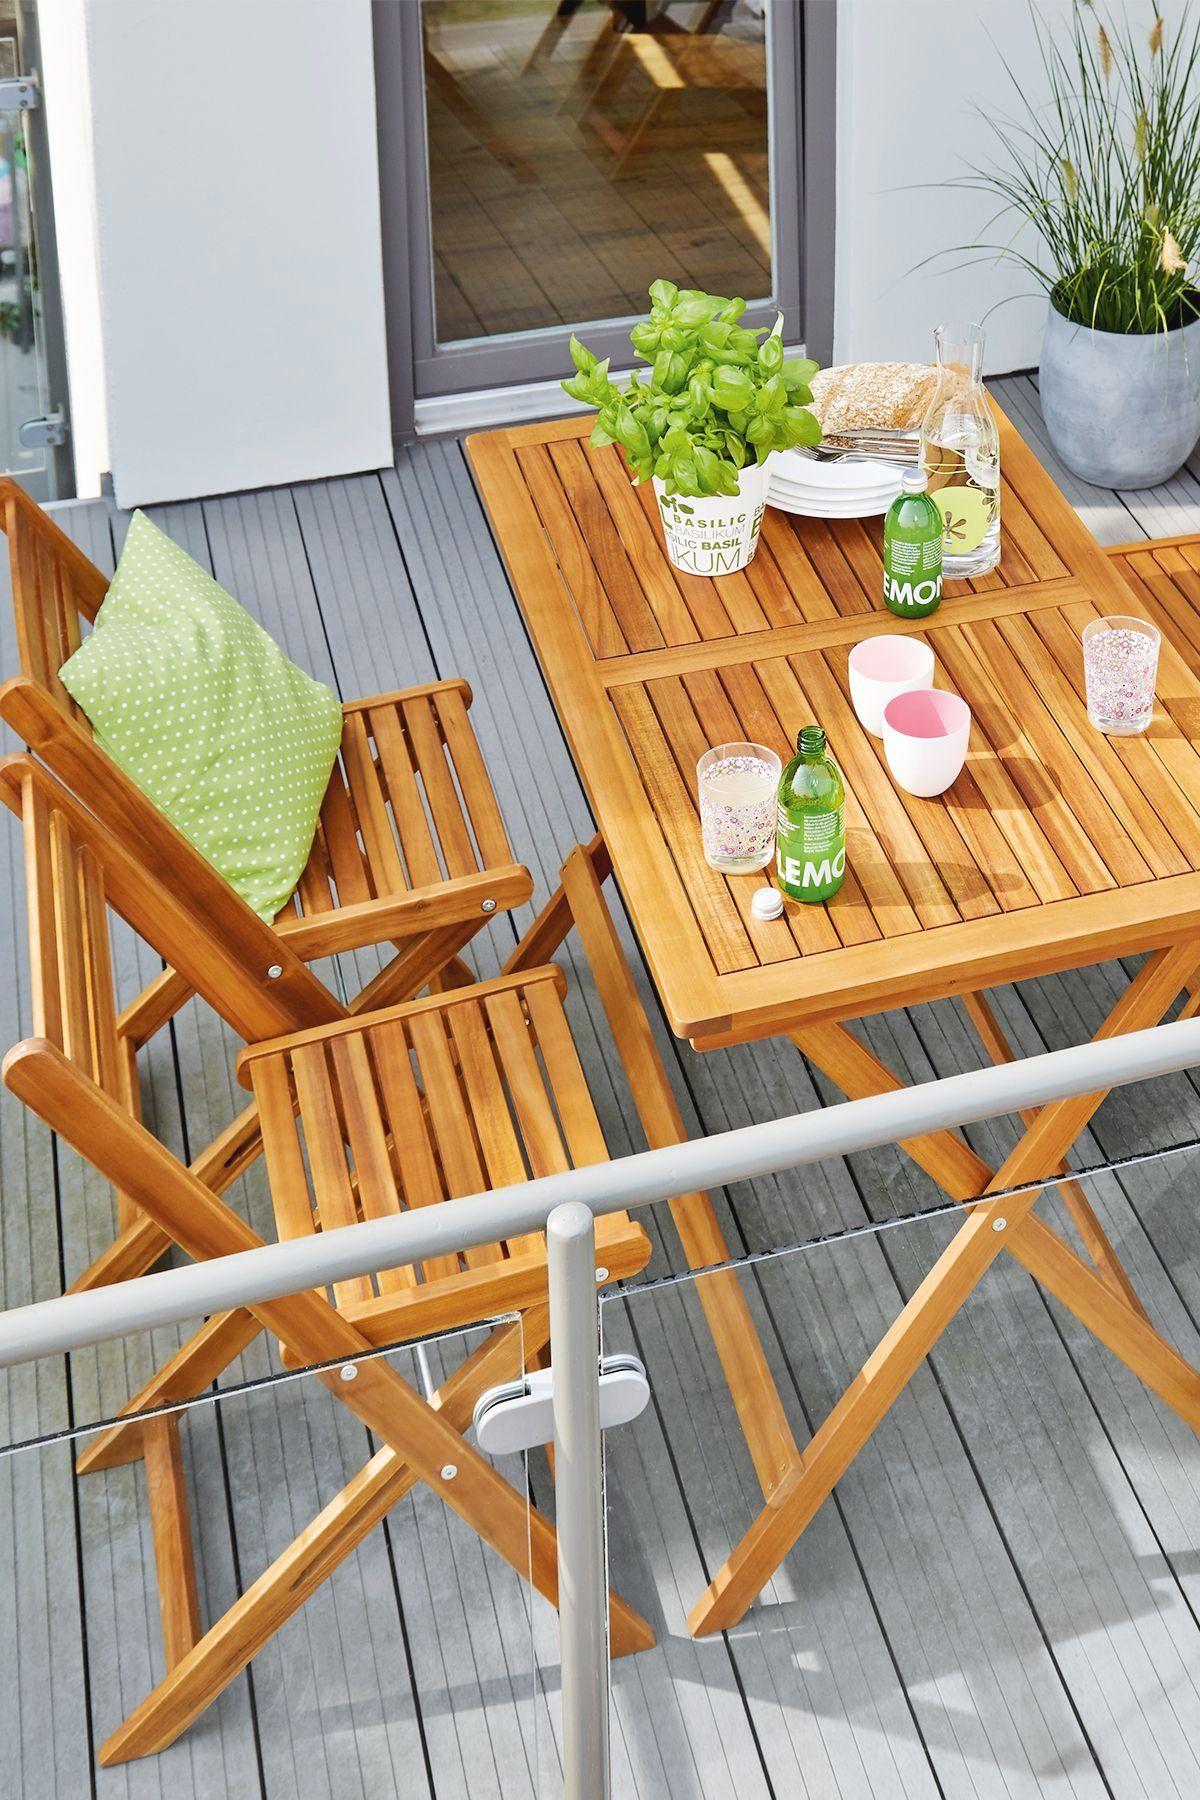 Amazon De Sam A Klasse Teak Holz Klappstuhl Gartenstuhl Sureang Zusammenklappbarer Hochlehner Leicht Zu Vers Teak Chairs Patio Dining Chairs Folding Chair